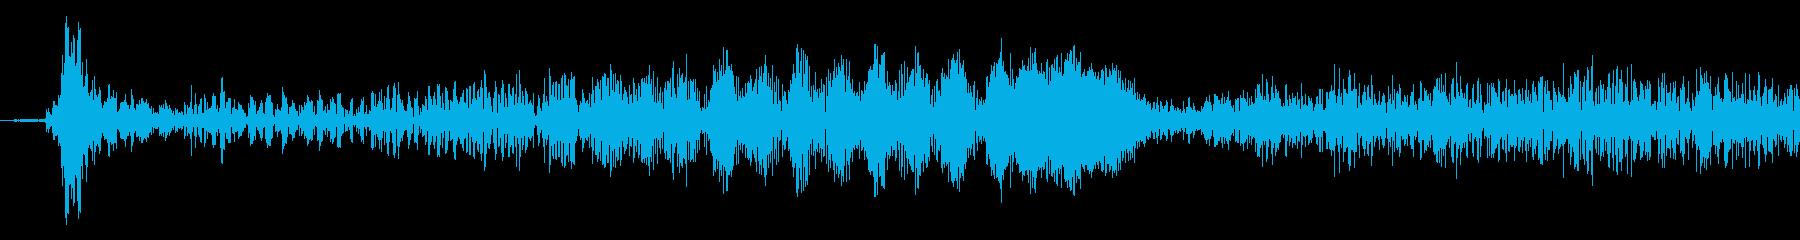 テレビスキャンを調整1の再生済みの波形